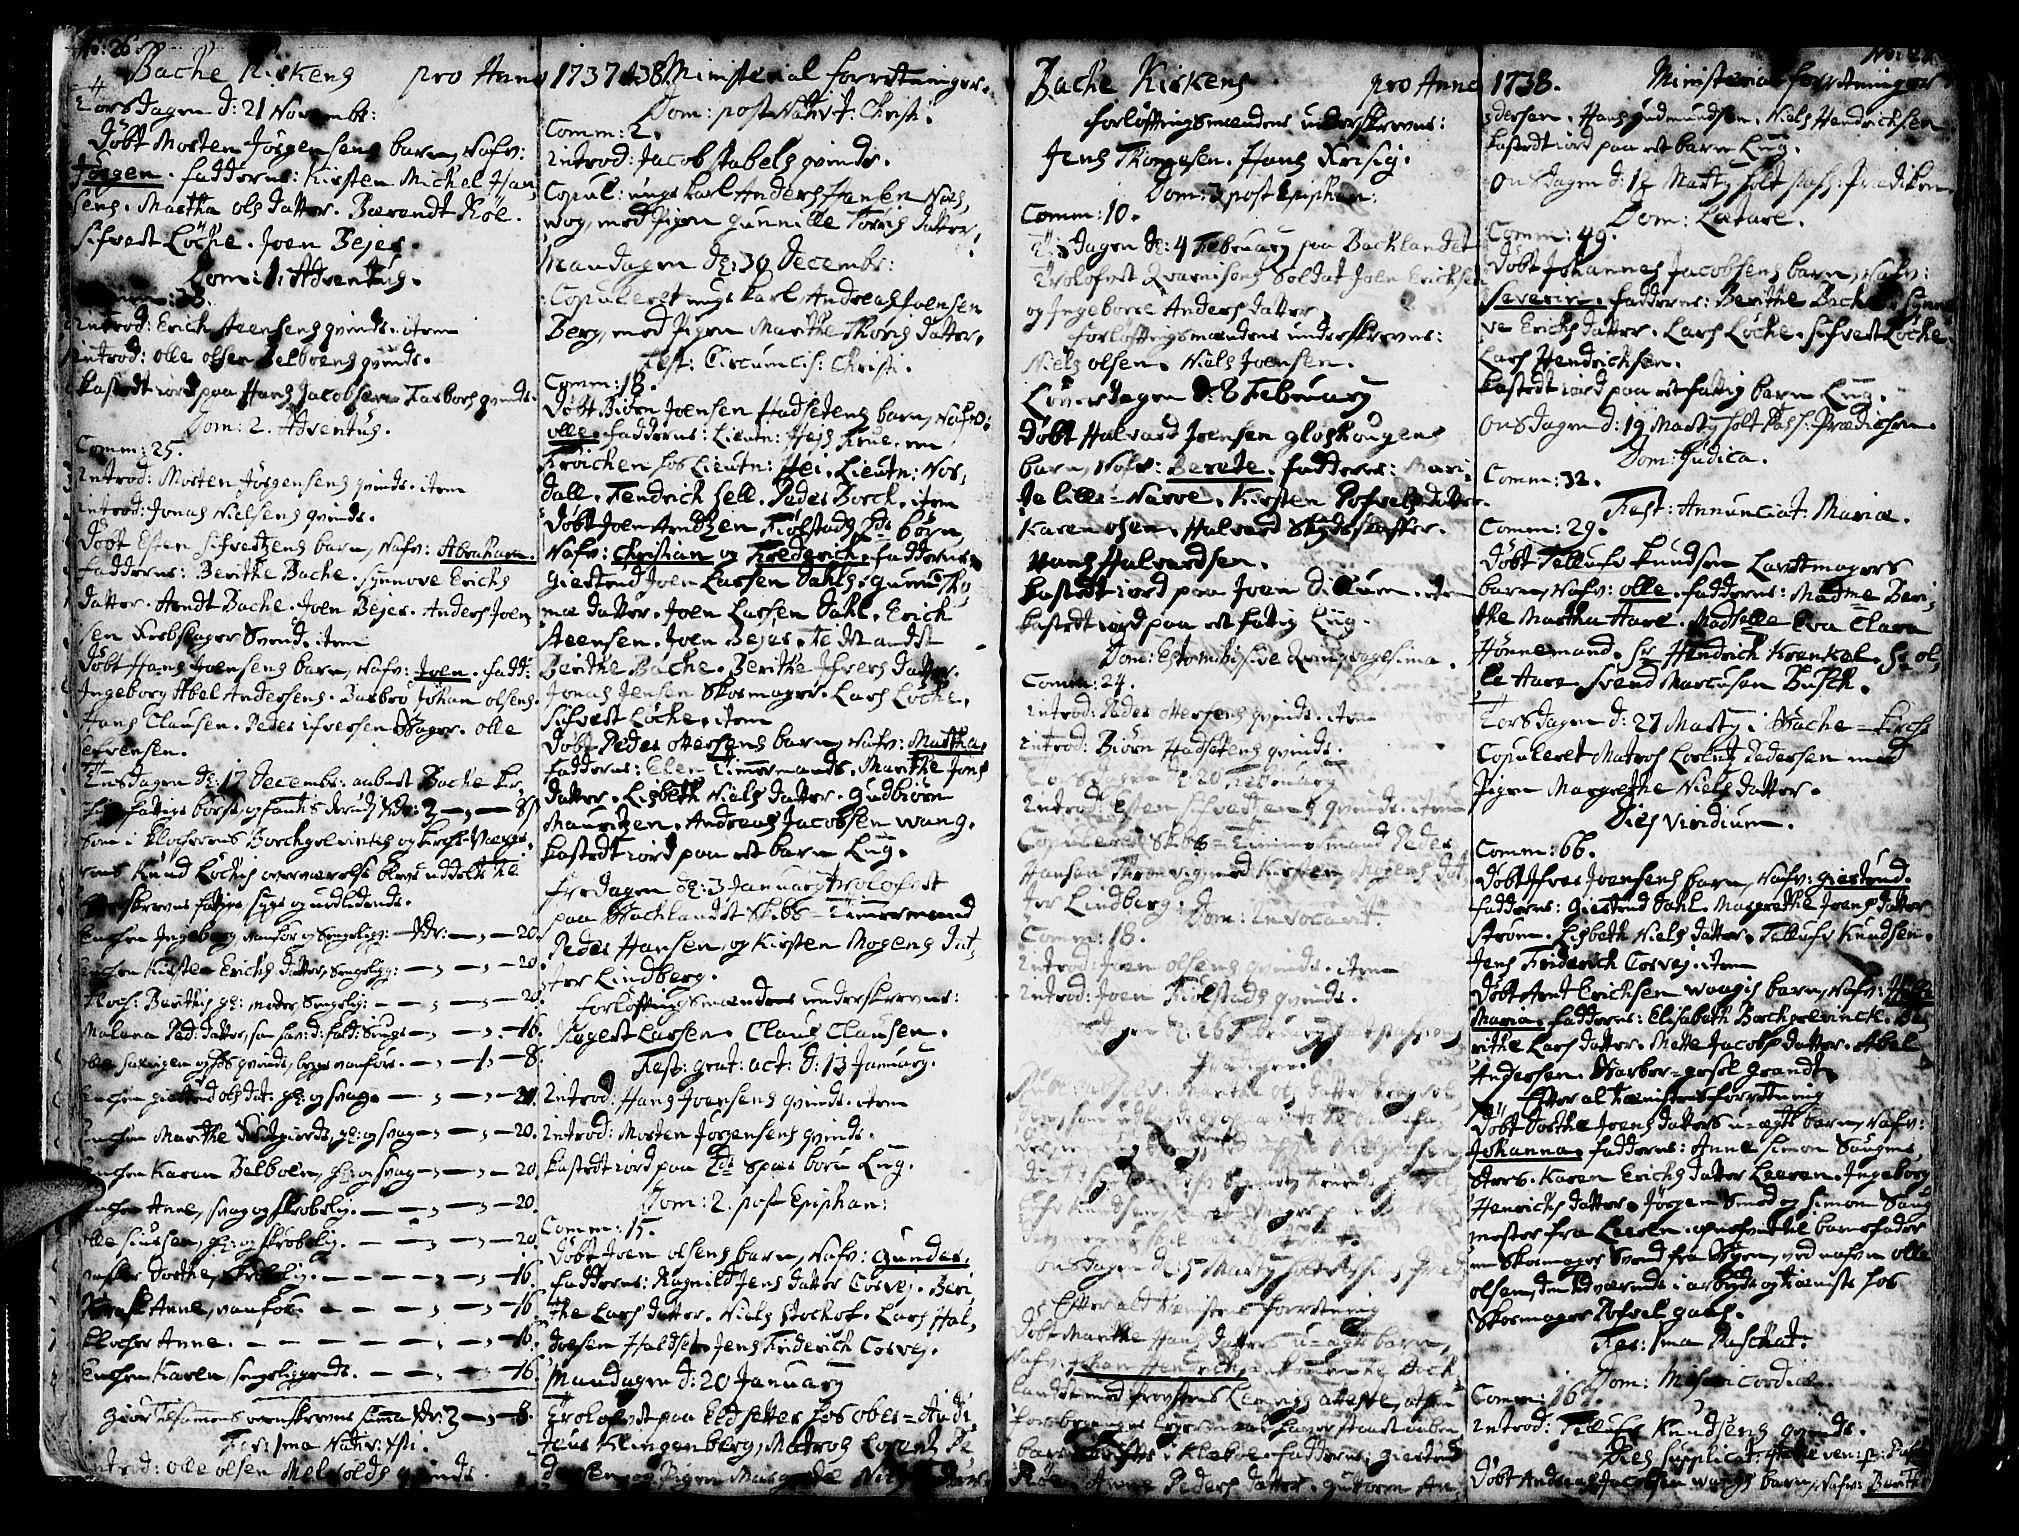 SAT, Ministerialprotokoller, klokkerbøker og fødselsregistre - Sør-Trøndelag, 606/L0276: Ministerialbok nr. 606A01 /2, 1727-1779, s. 26-27